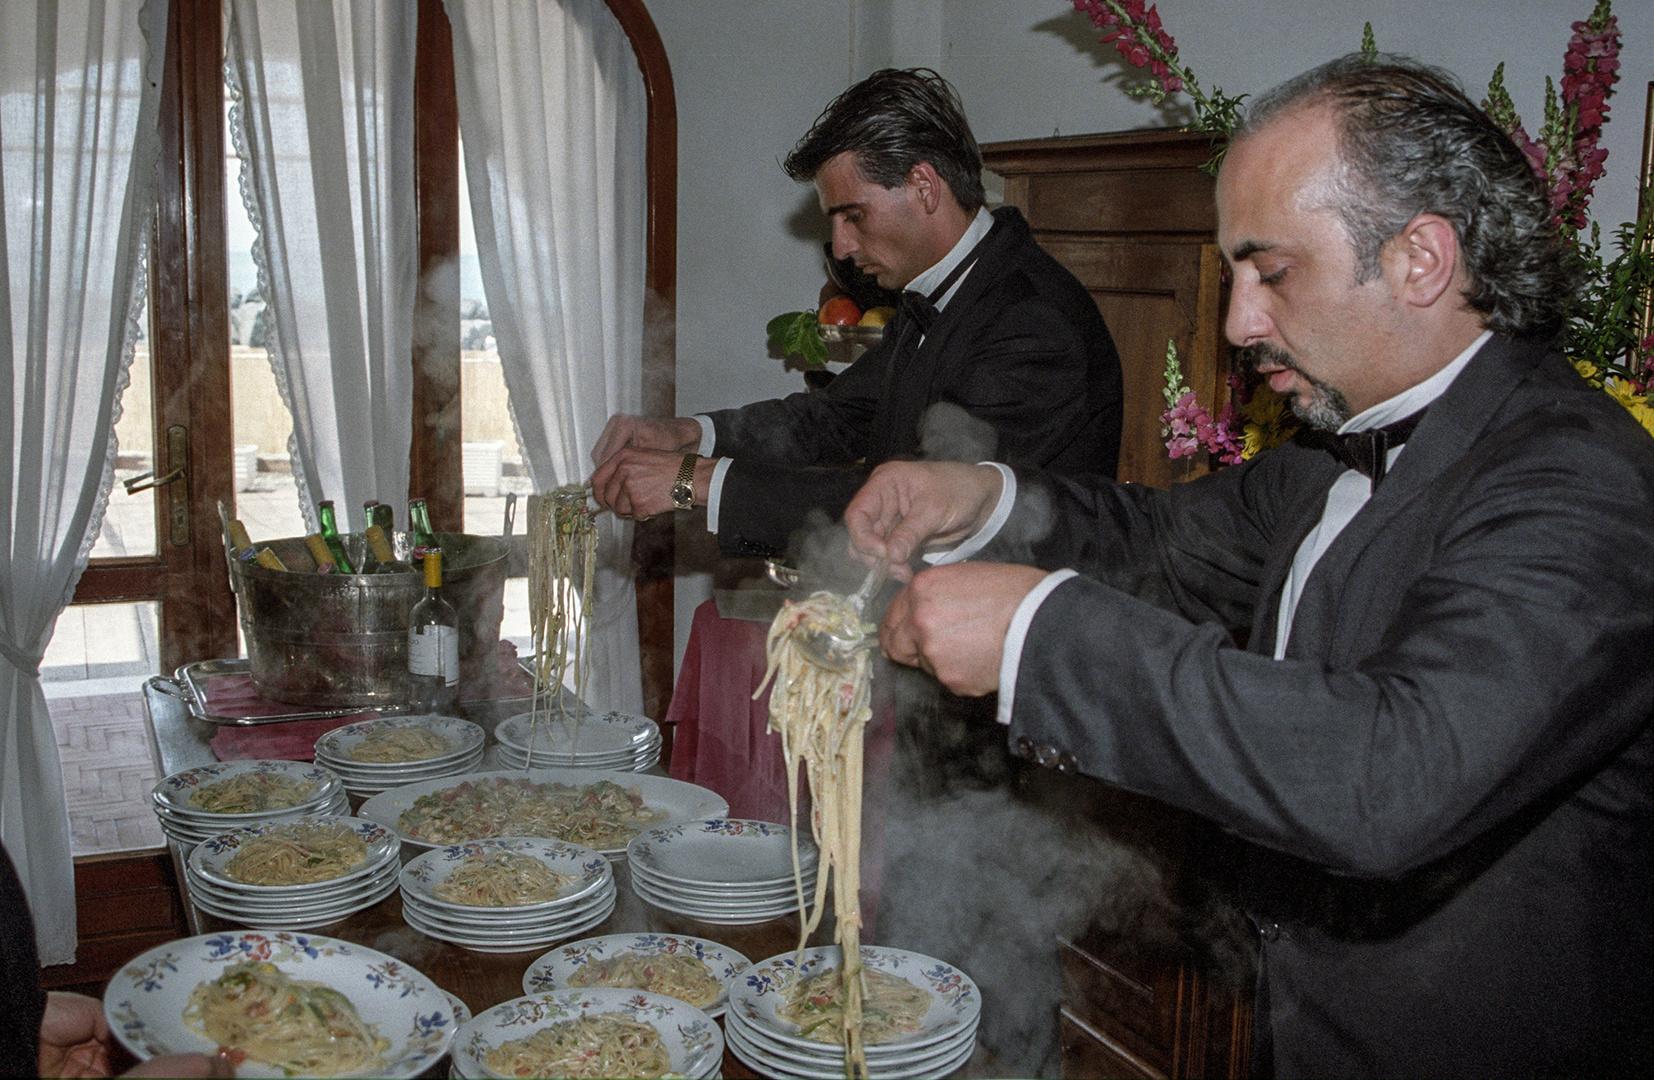 Spaghetti in Italia